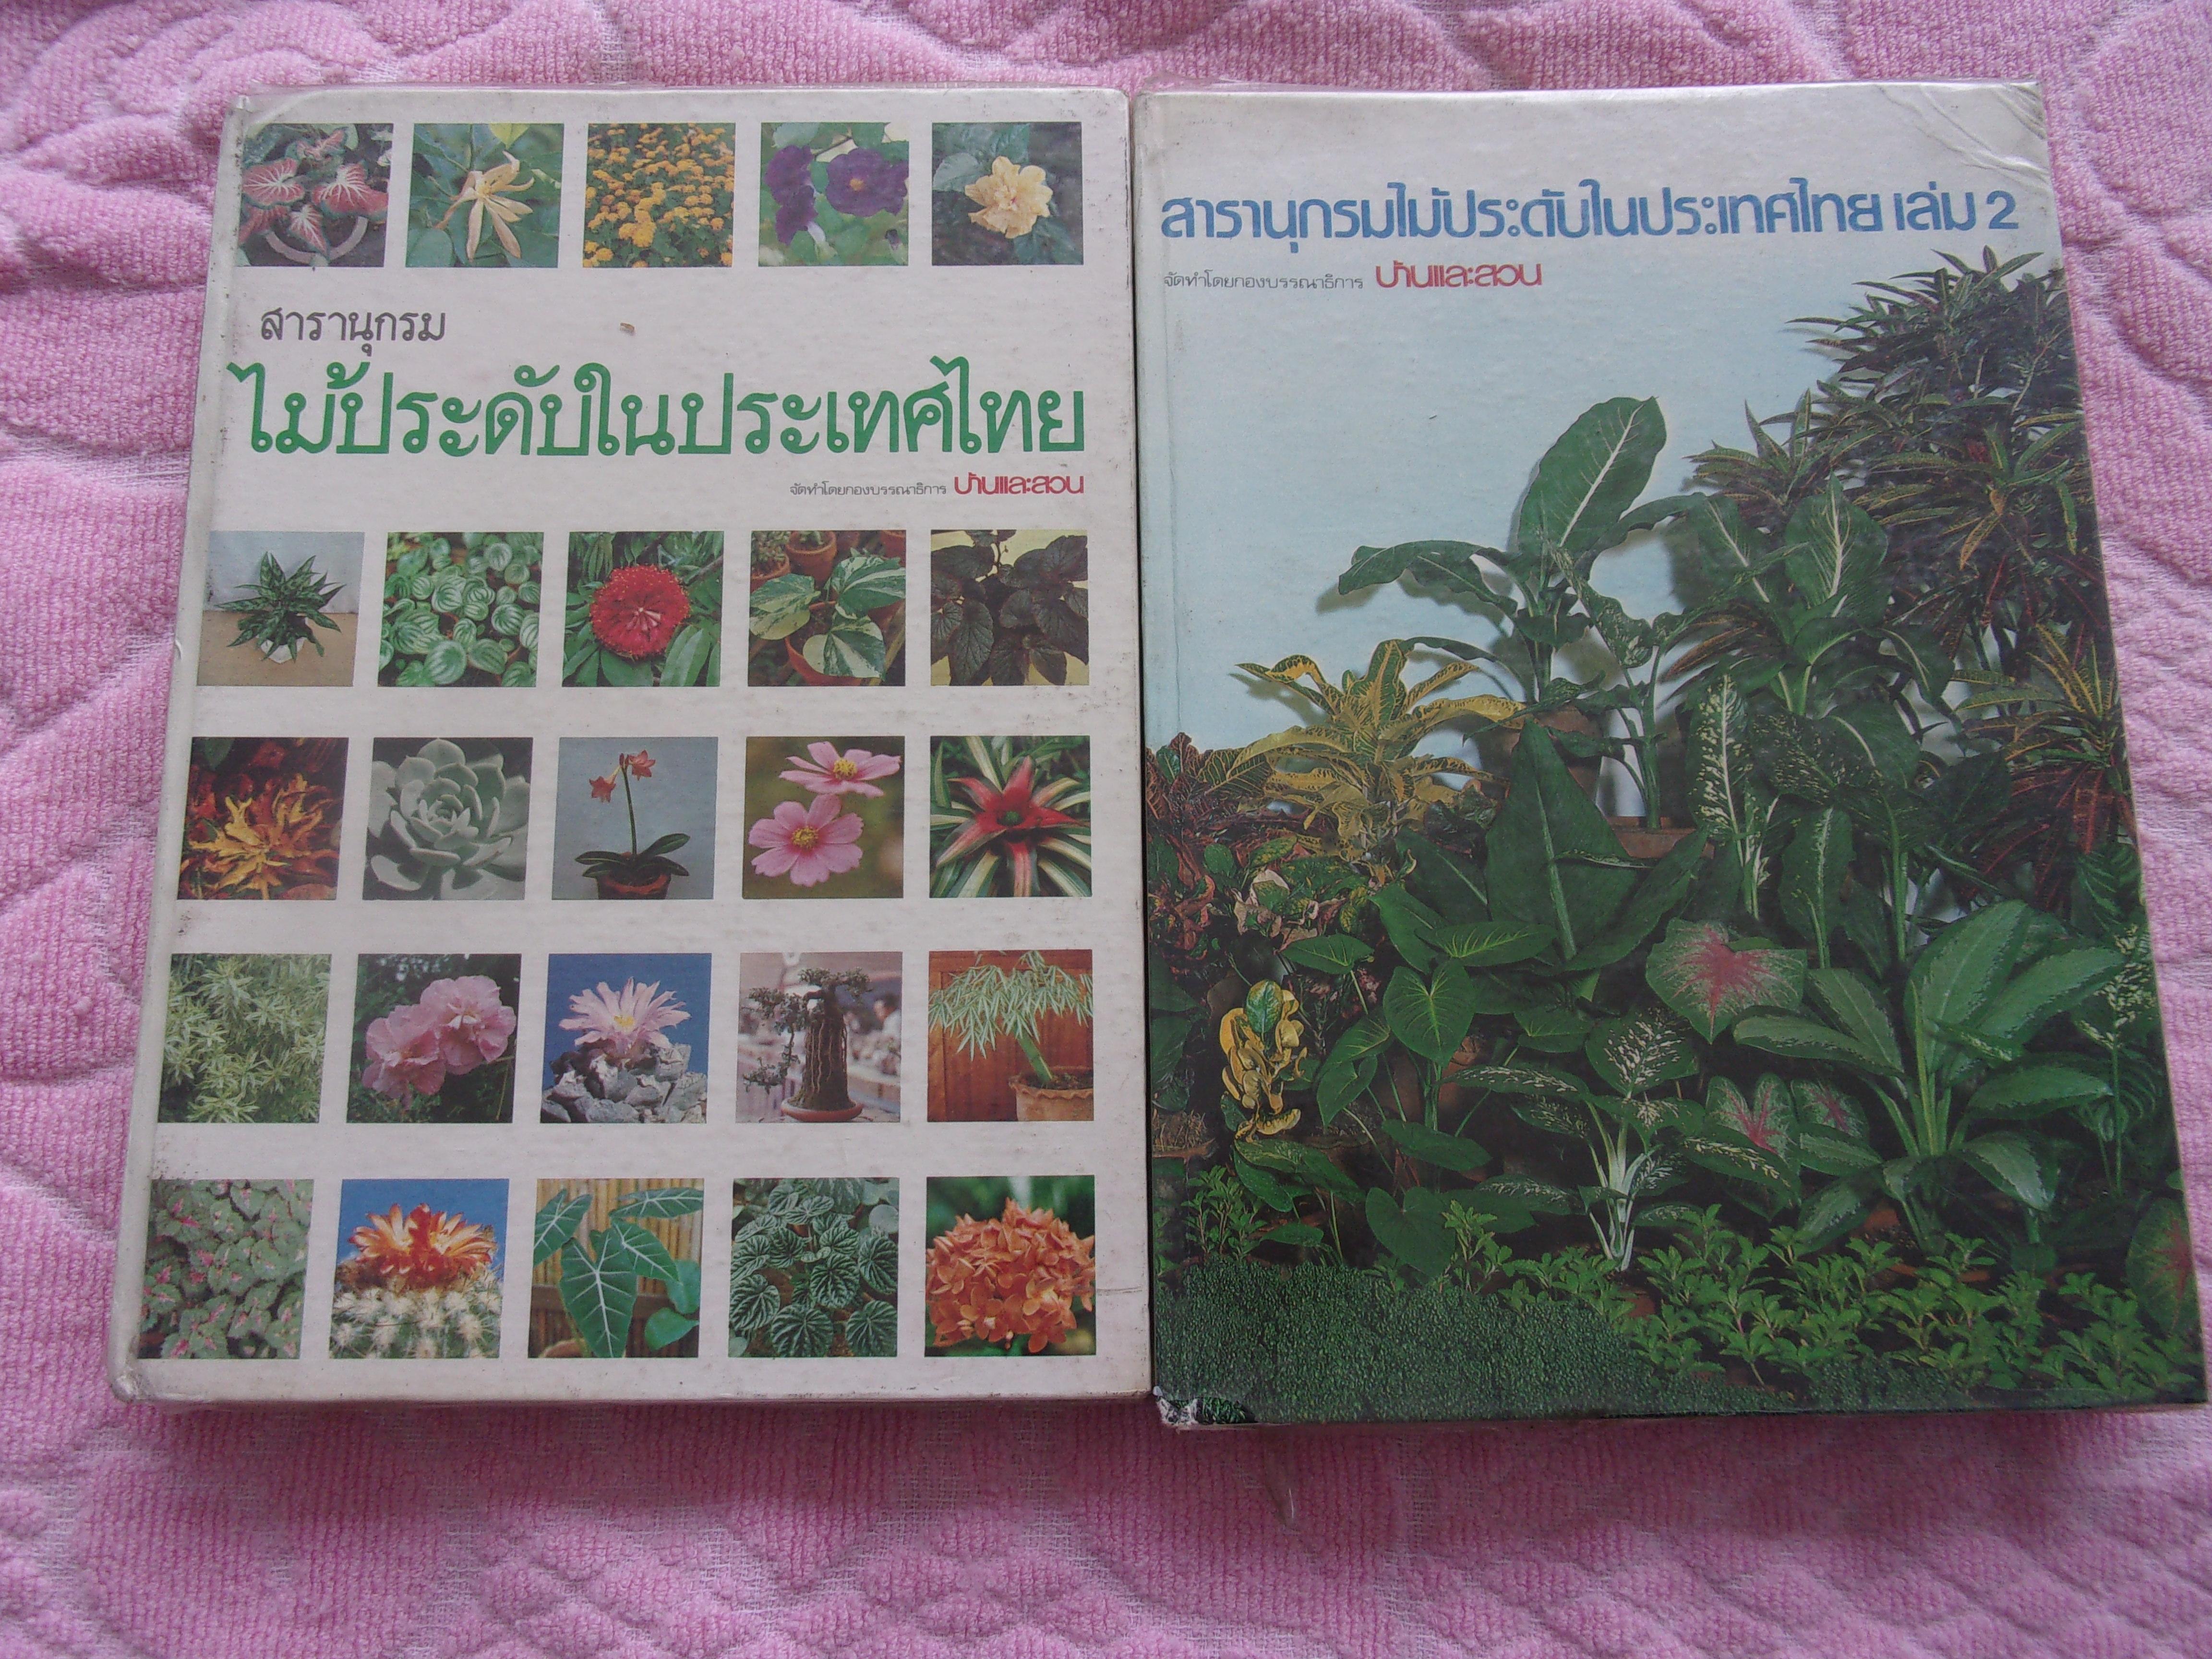 """""""สารานุกรมไม้ประดับในประเทศไทย เล่ม1-2""""โดยบ้านและสวน ปี2525"""